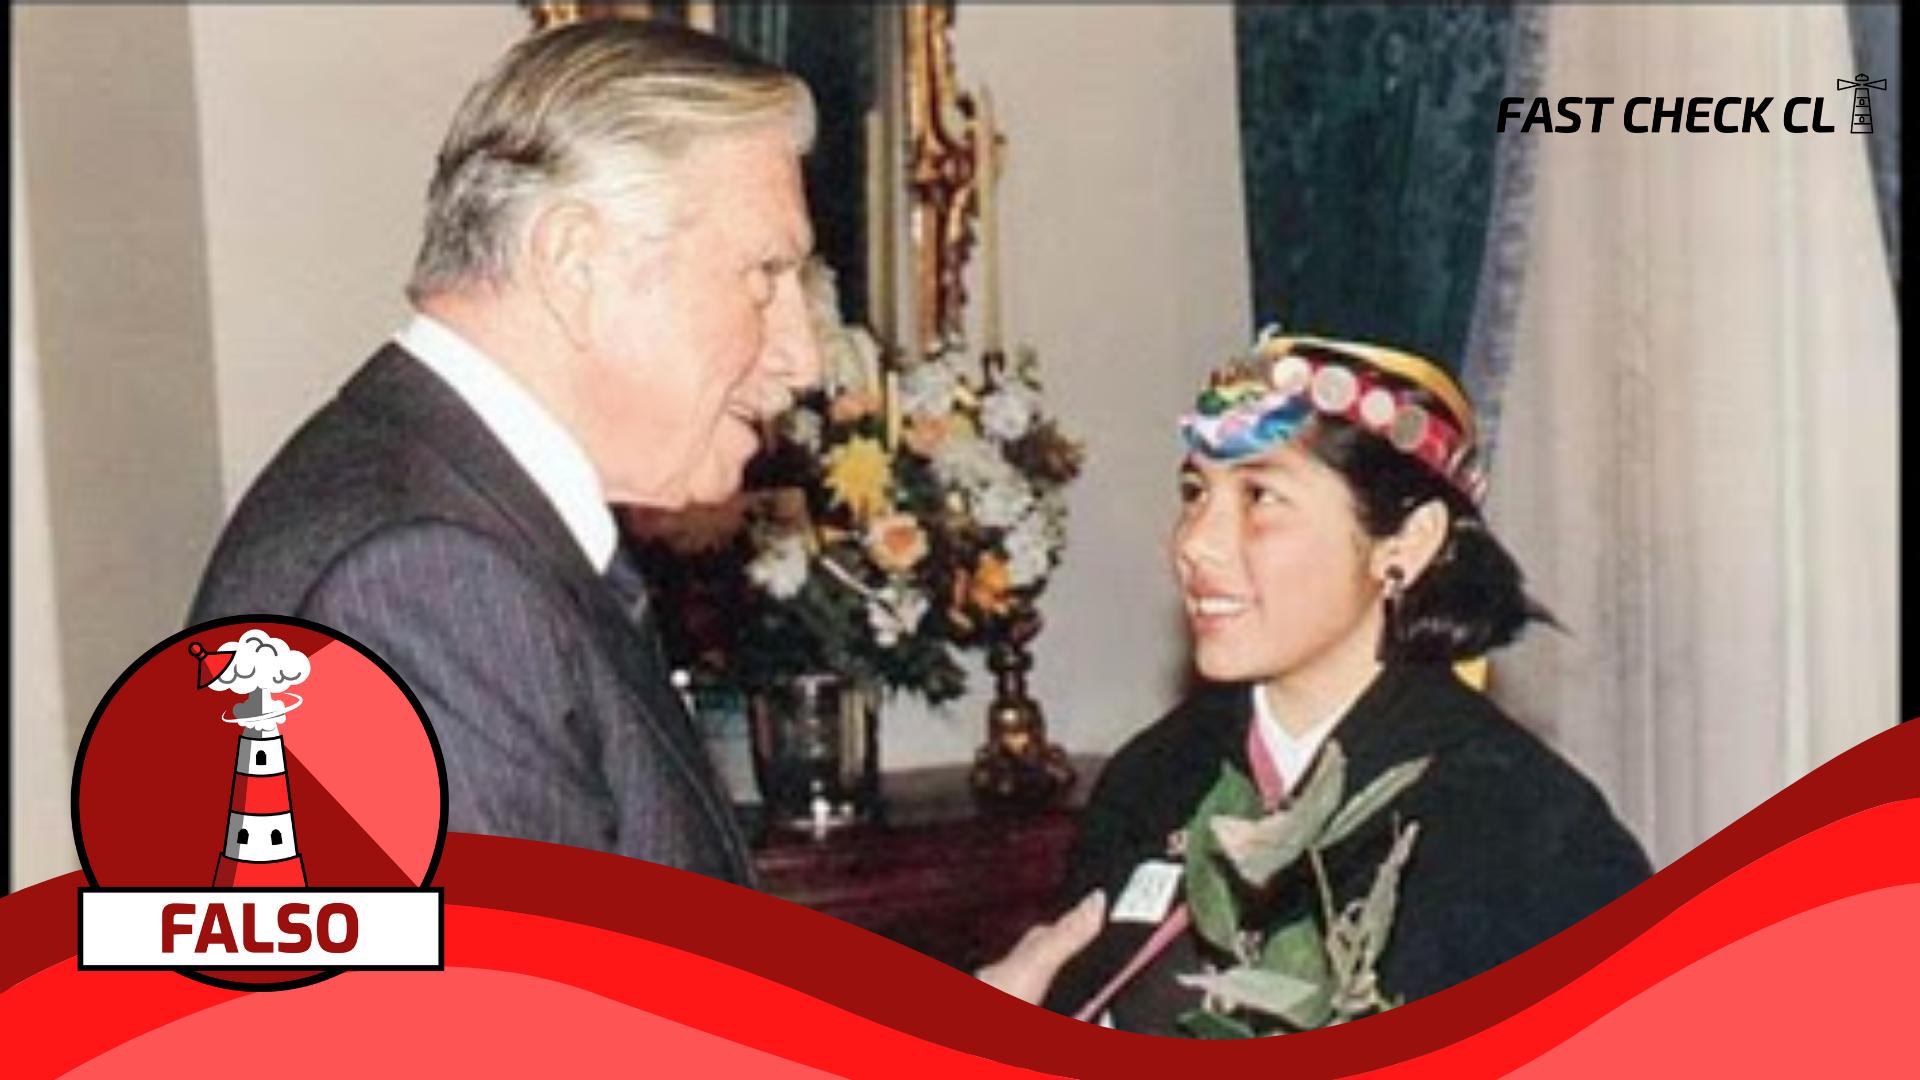 Read more about the article Fotografía de Elisa Loncon dándole la mano a Augusto Pinochet: #Falso